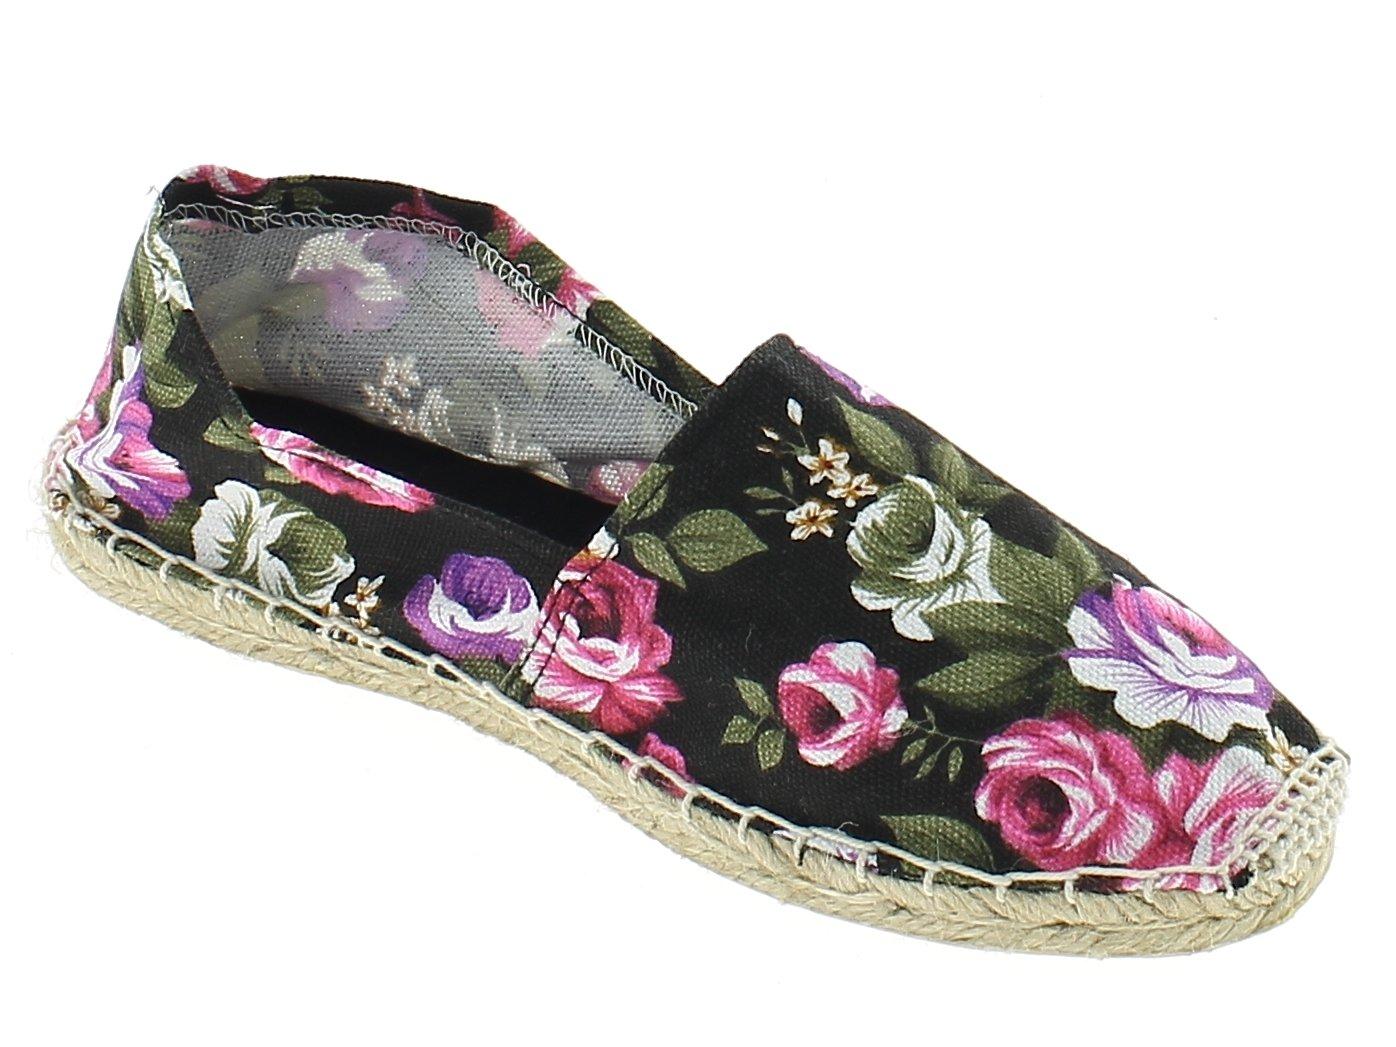 MADIGAN Γυναικείο Casual EFLOR ASSB Μαύρο - IqShoes - EFLOR ASSB black 38/1/15/1 προϊόντα παπούτσια